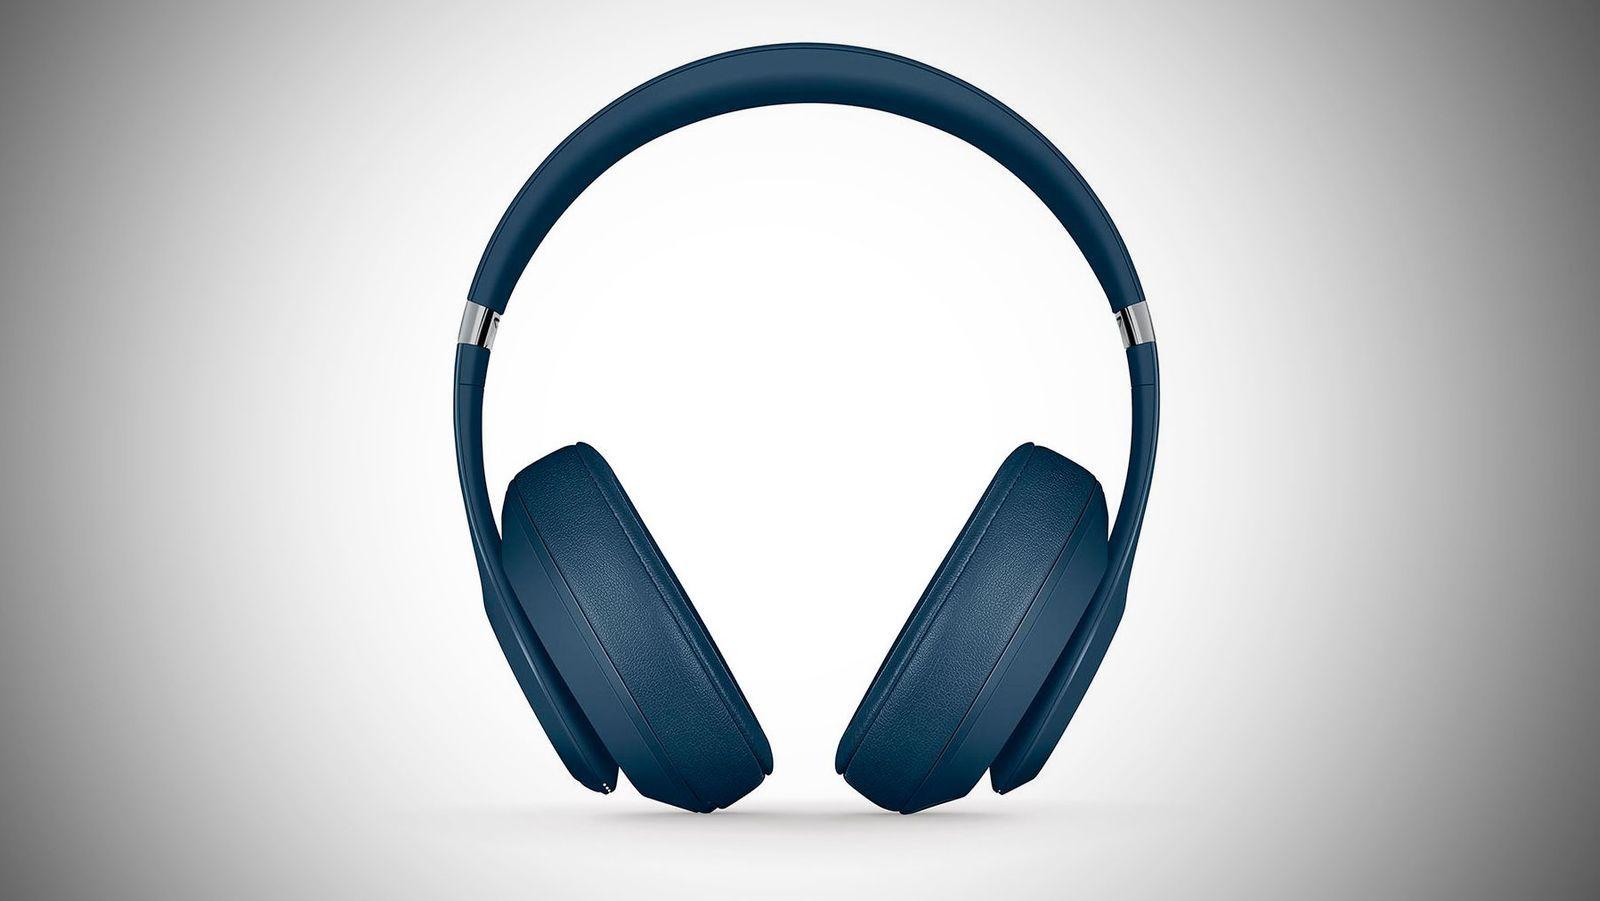 Beats Studio 3 er Apples nåværende beste hodetelefoner. Det er imidlertid ventet at de neste hodetelefonene de slipper vil ha Apple-branding fremfor Beats.